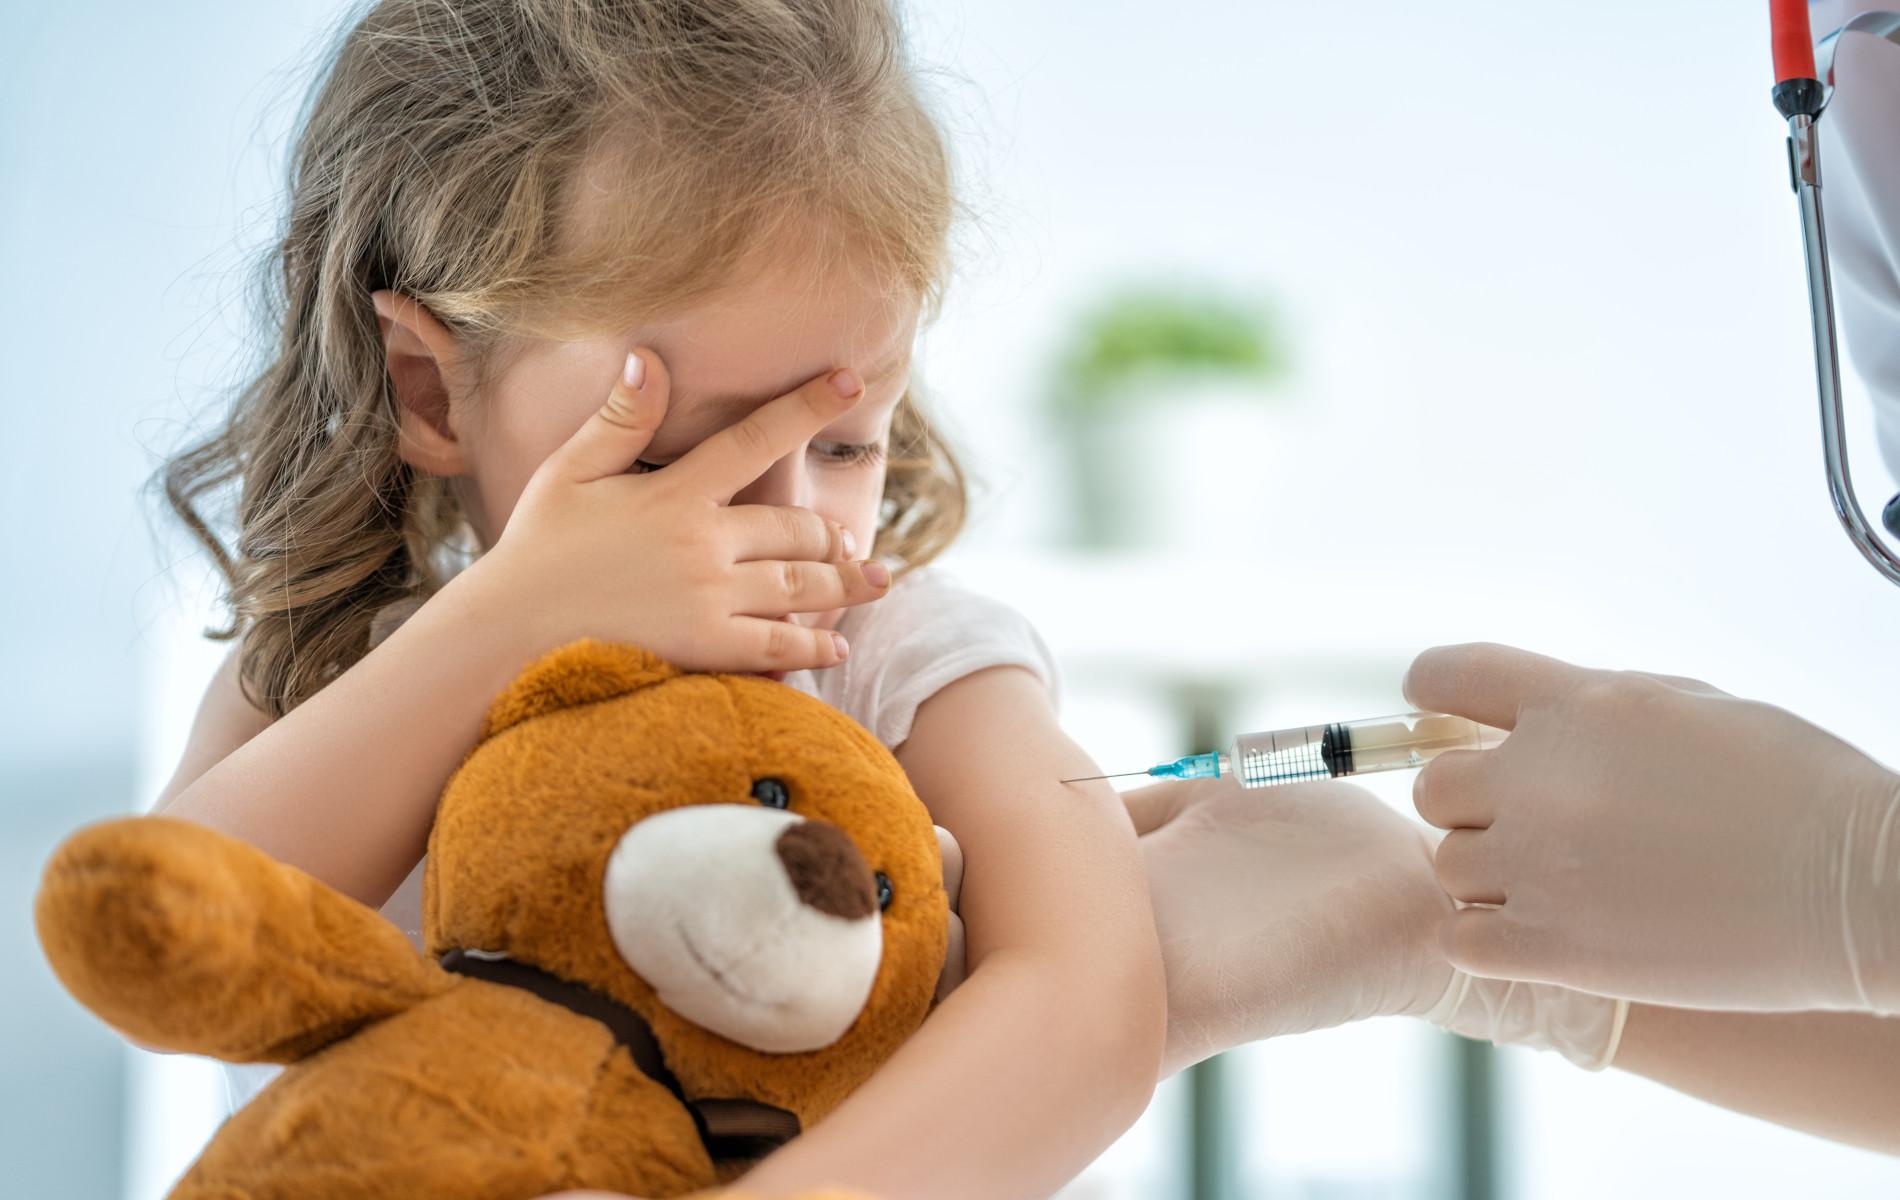 Είναι υποχρεωτικός ο εμβολιασμός, ώστε να μην κινδυνεύει η δημόσια υγεία; |  Syntagma Watch